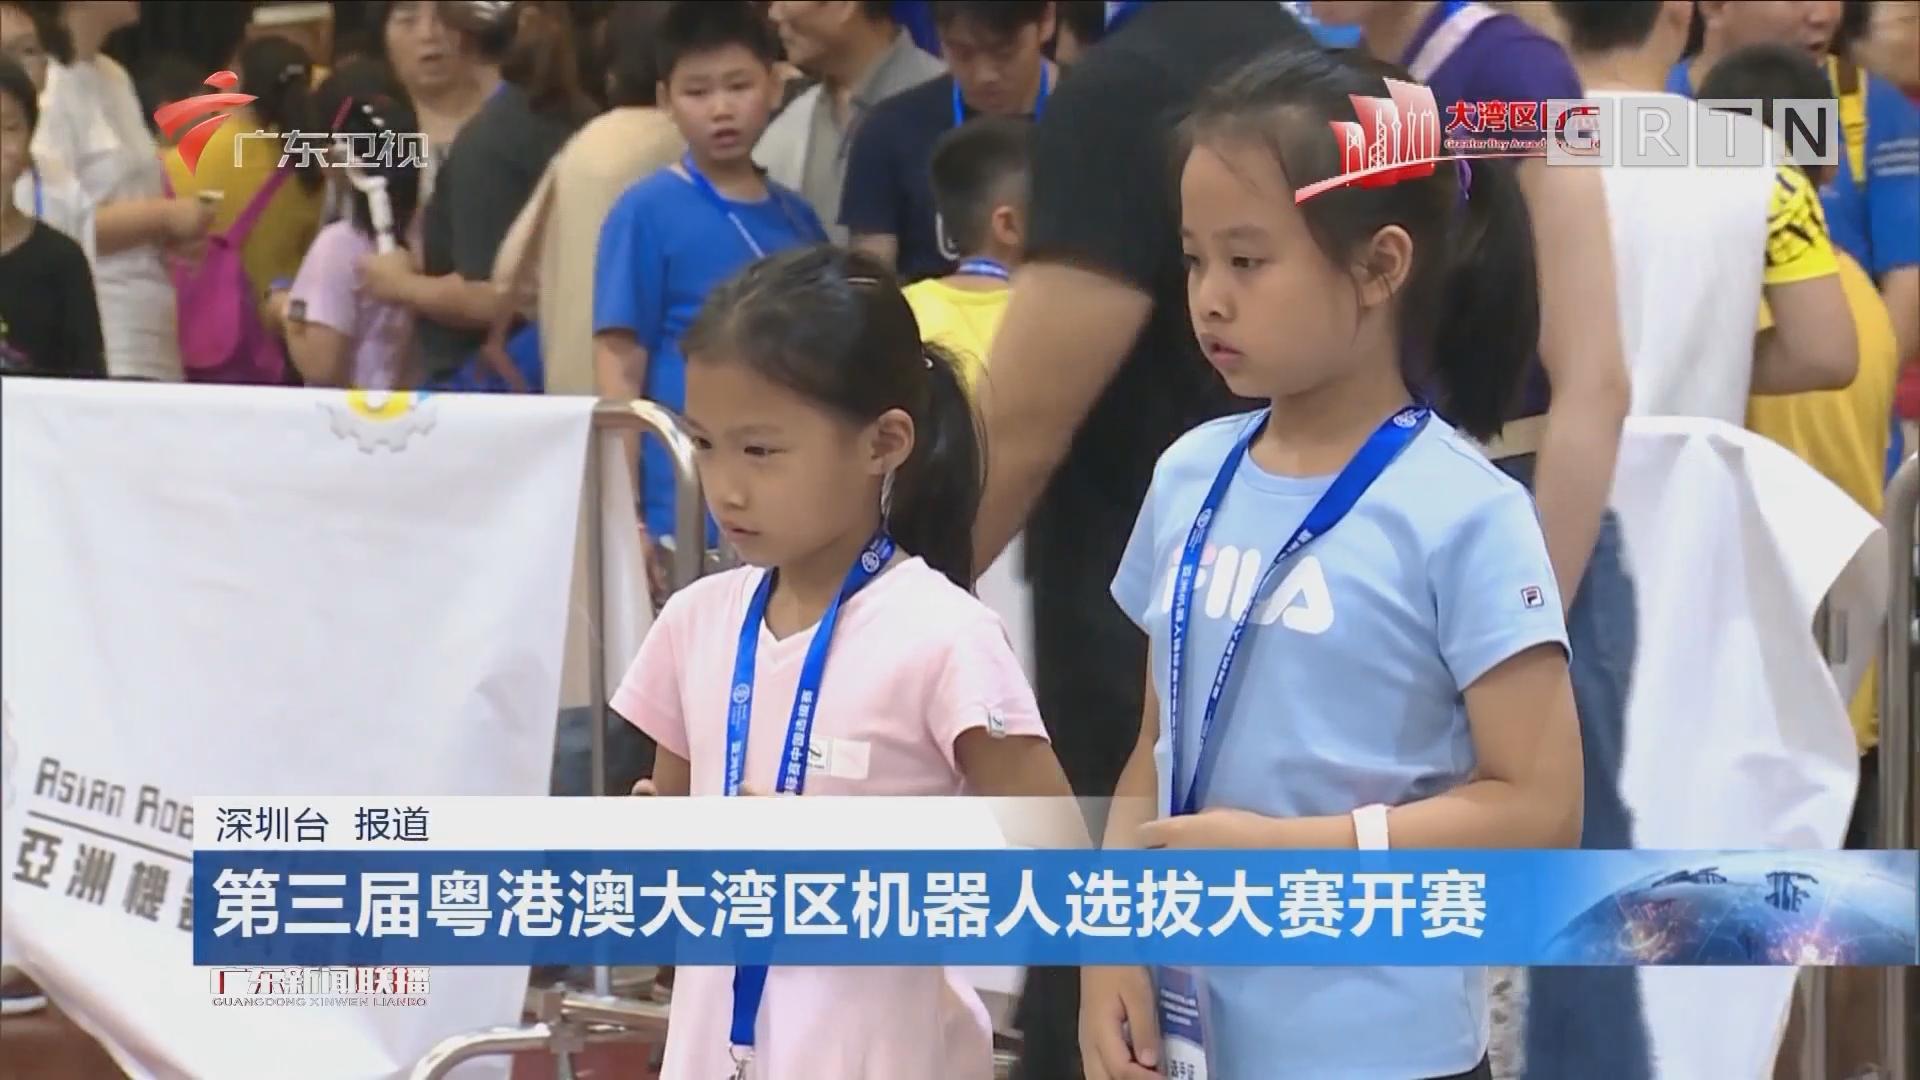 第三届粤港澳大湾区机器人选拔大赛开赛